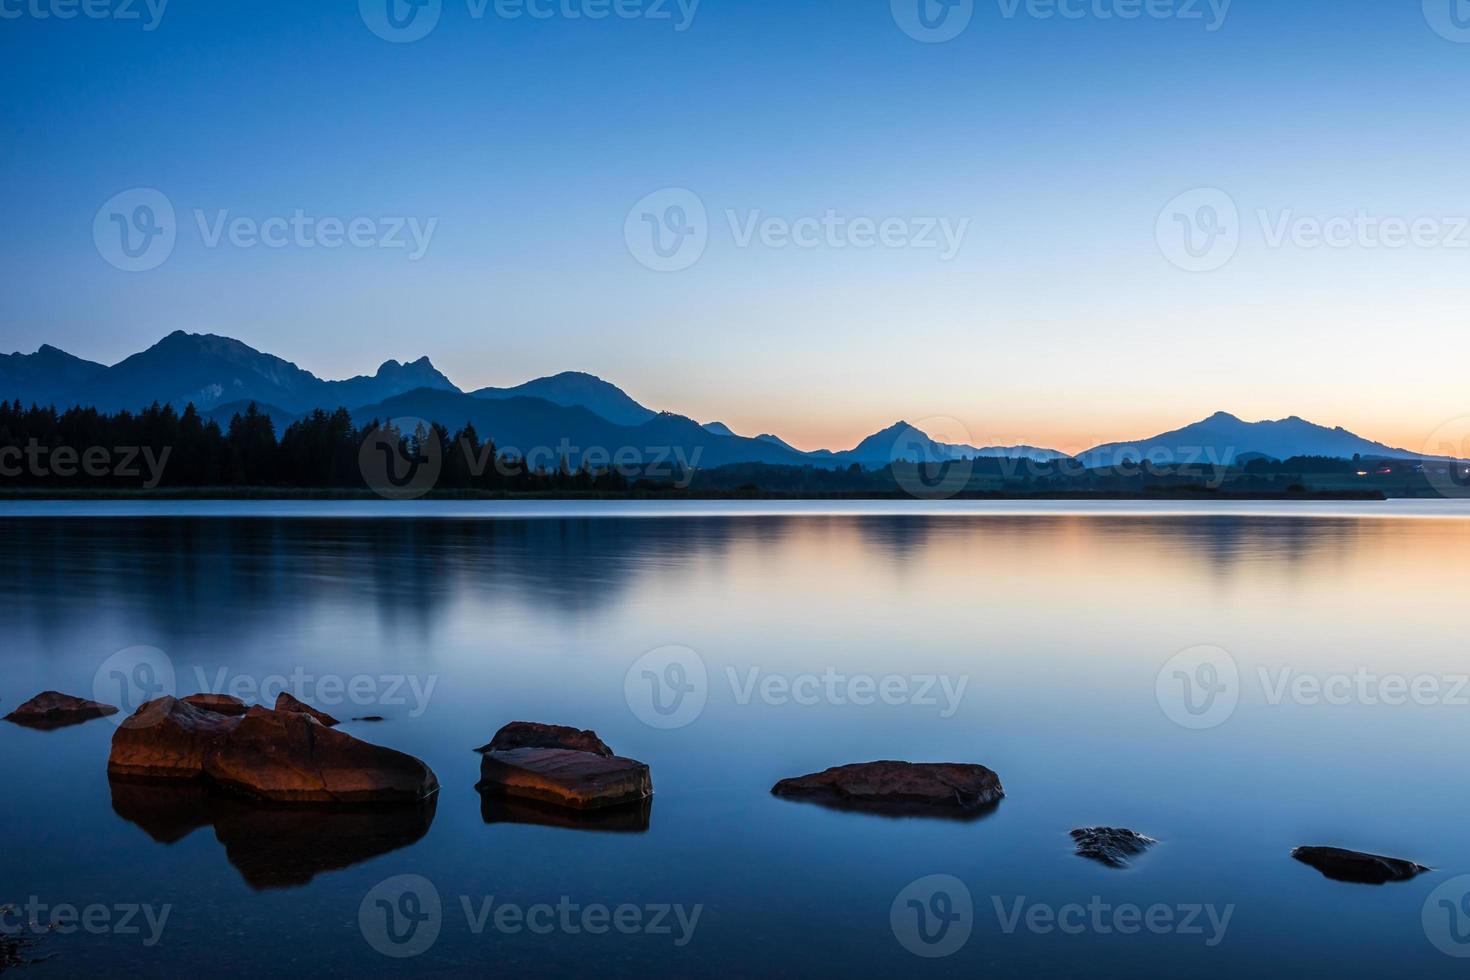 blauw uur bij hopfenmeer foto